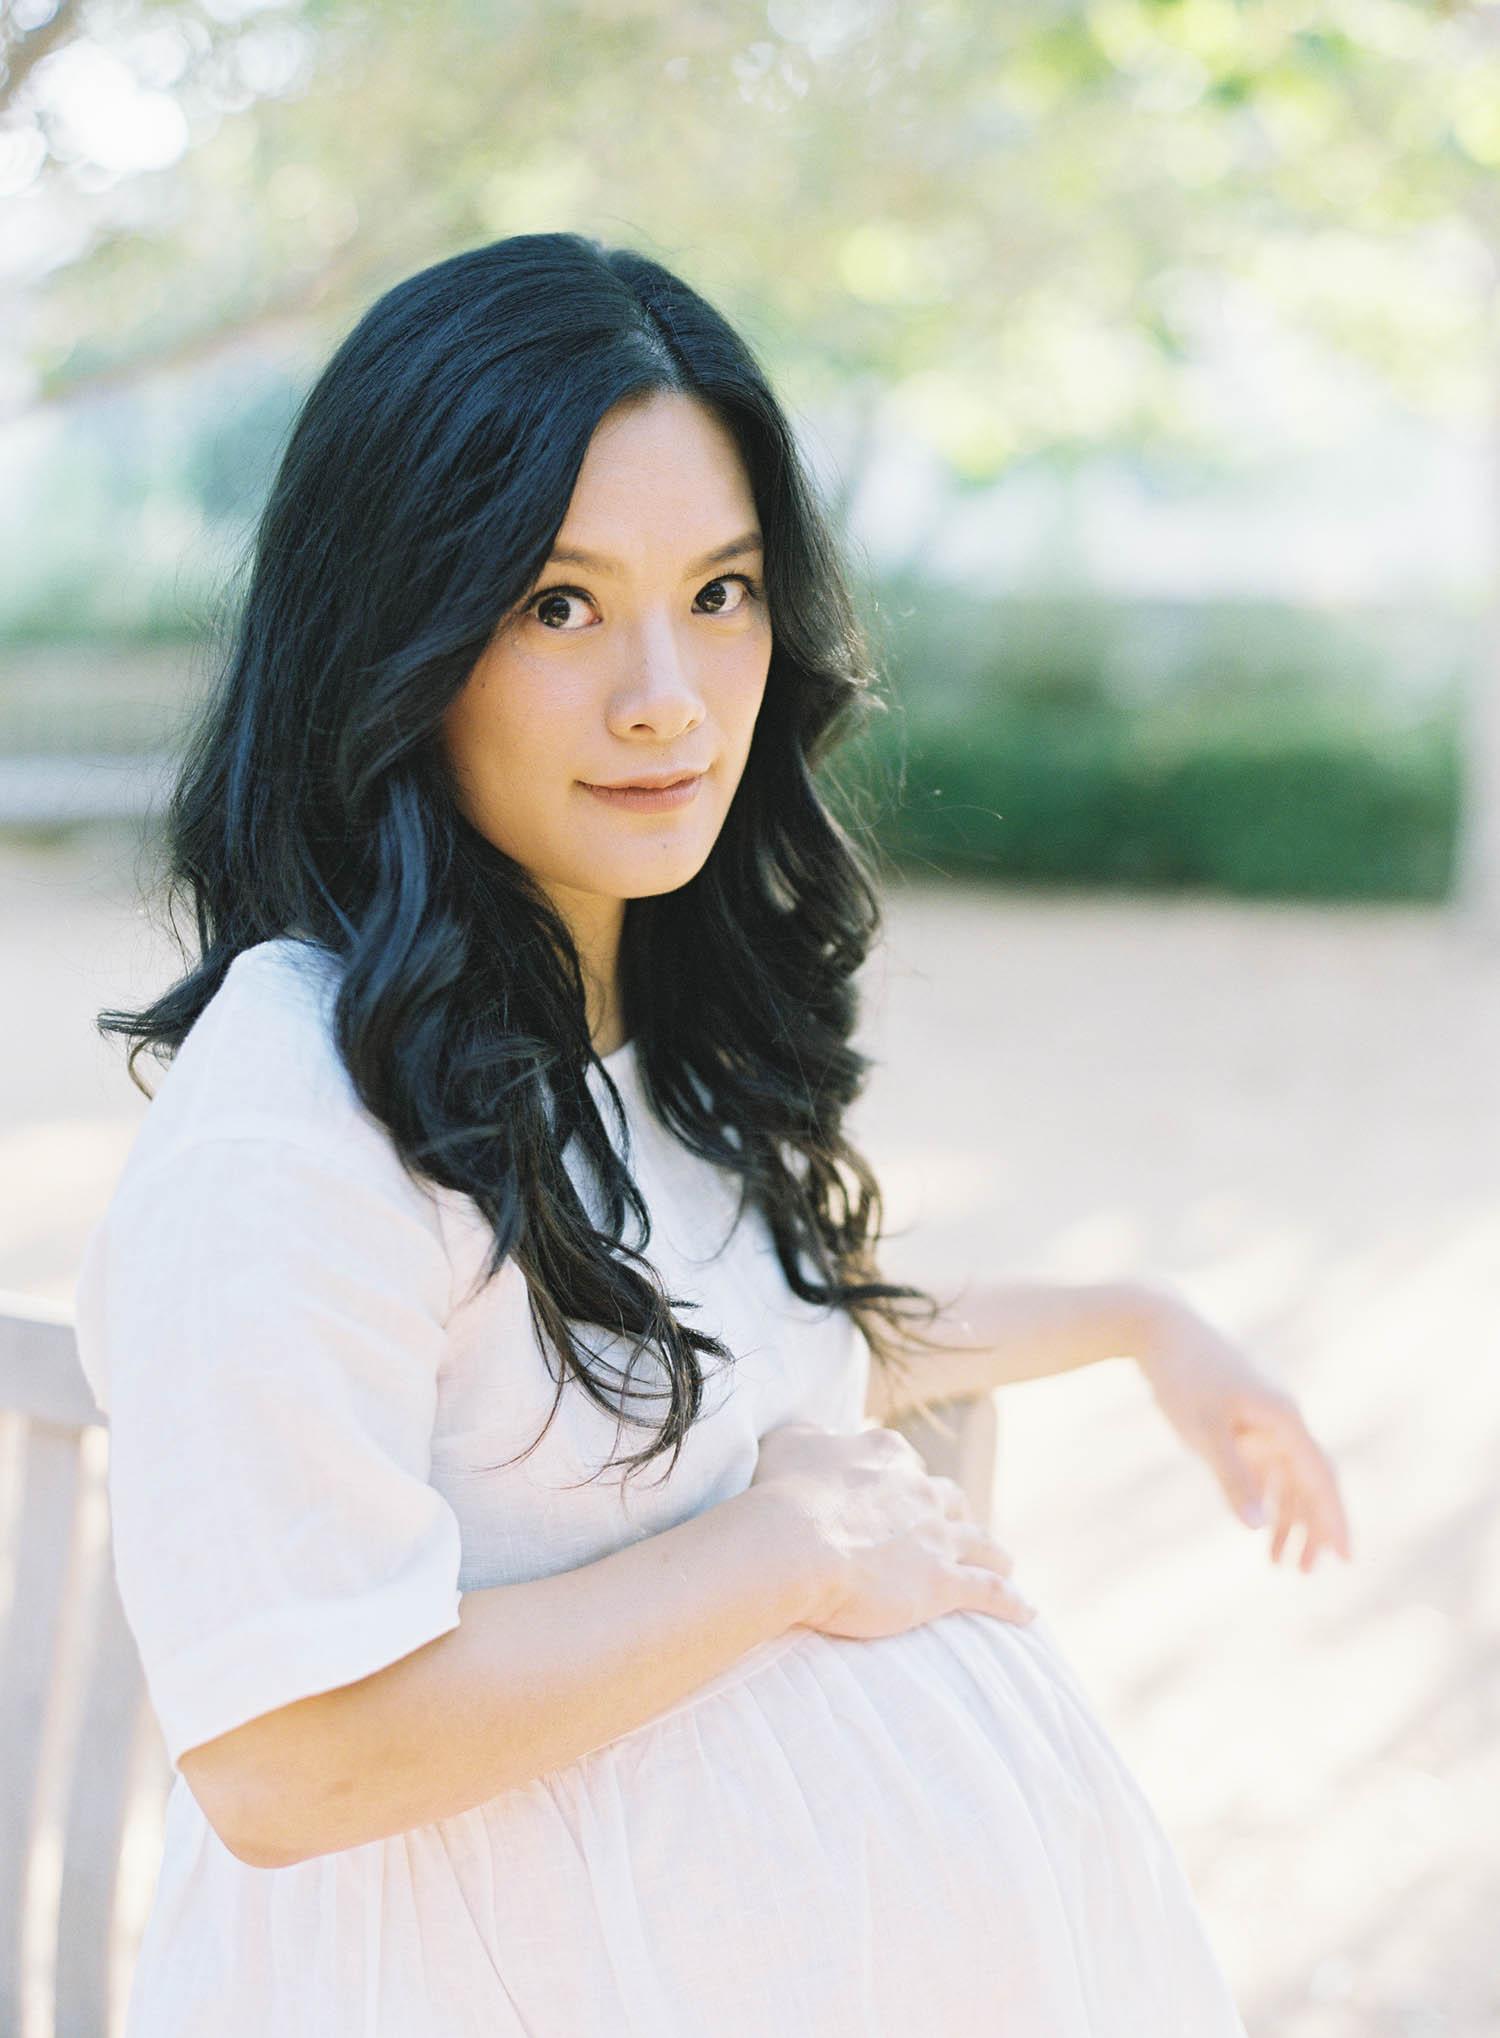 Heng-WR-5-Jen_Huang-006837-R1-006.jpg